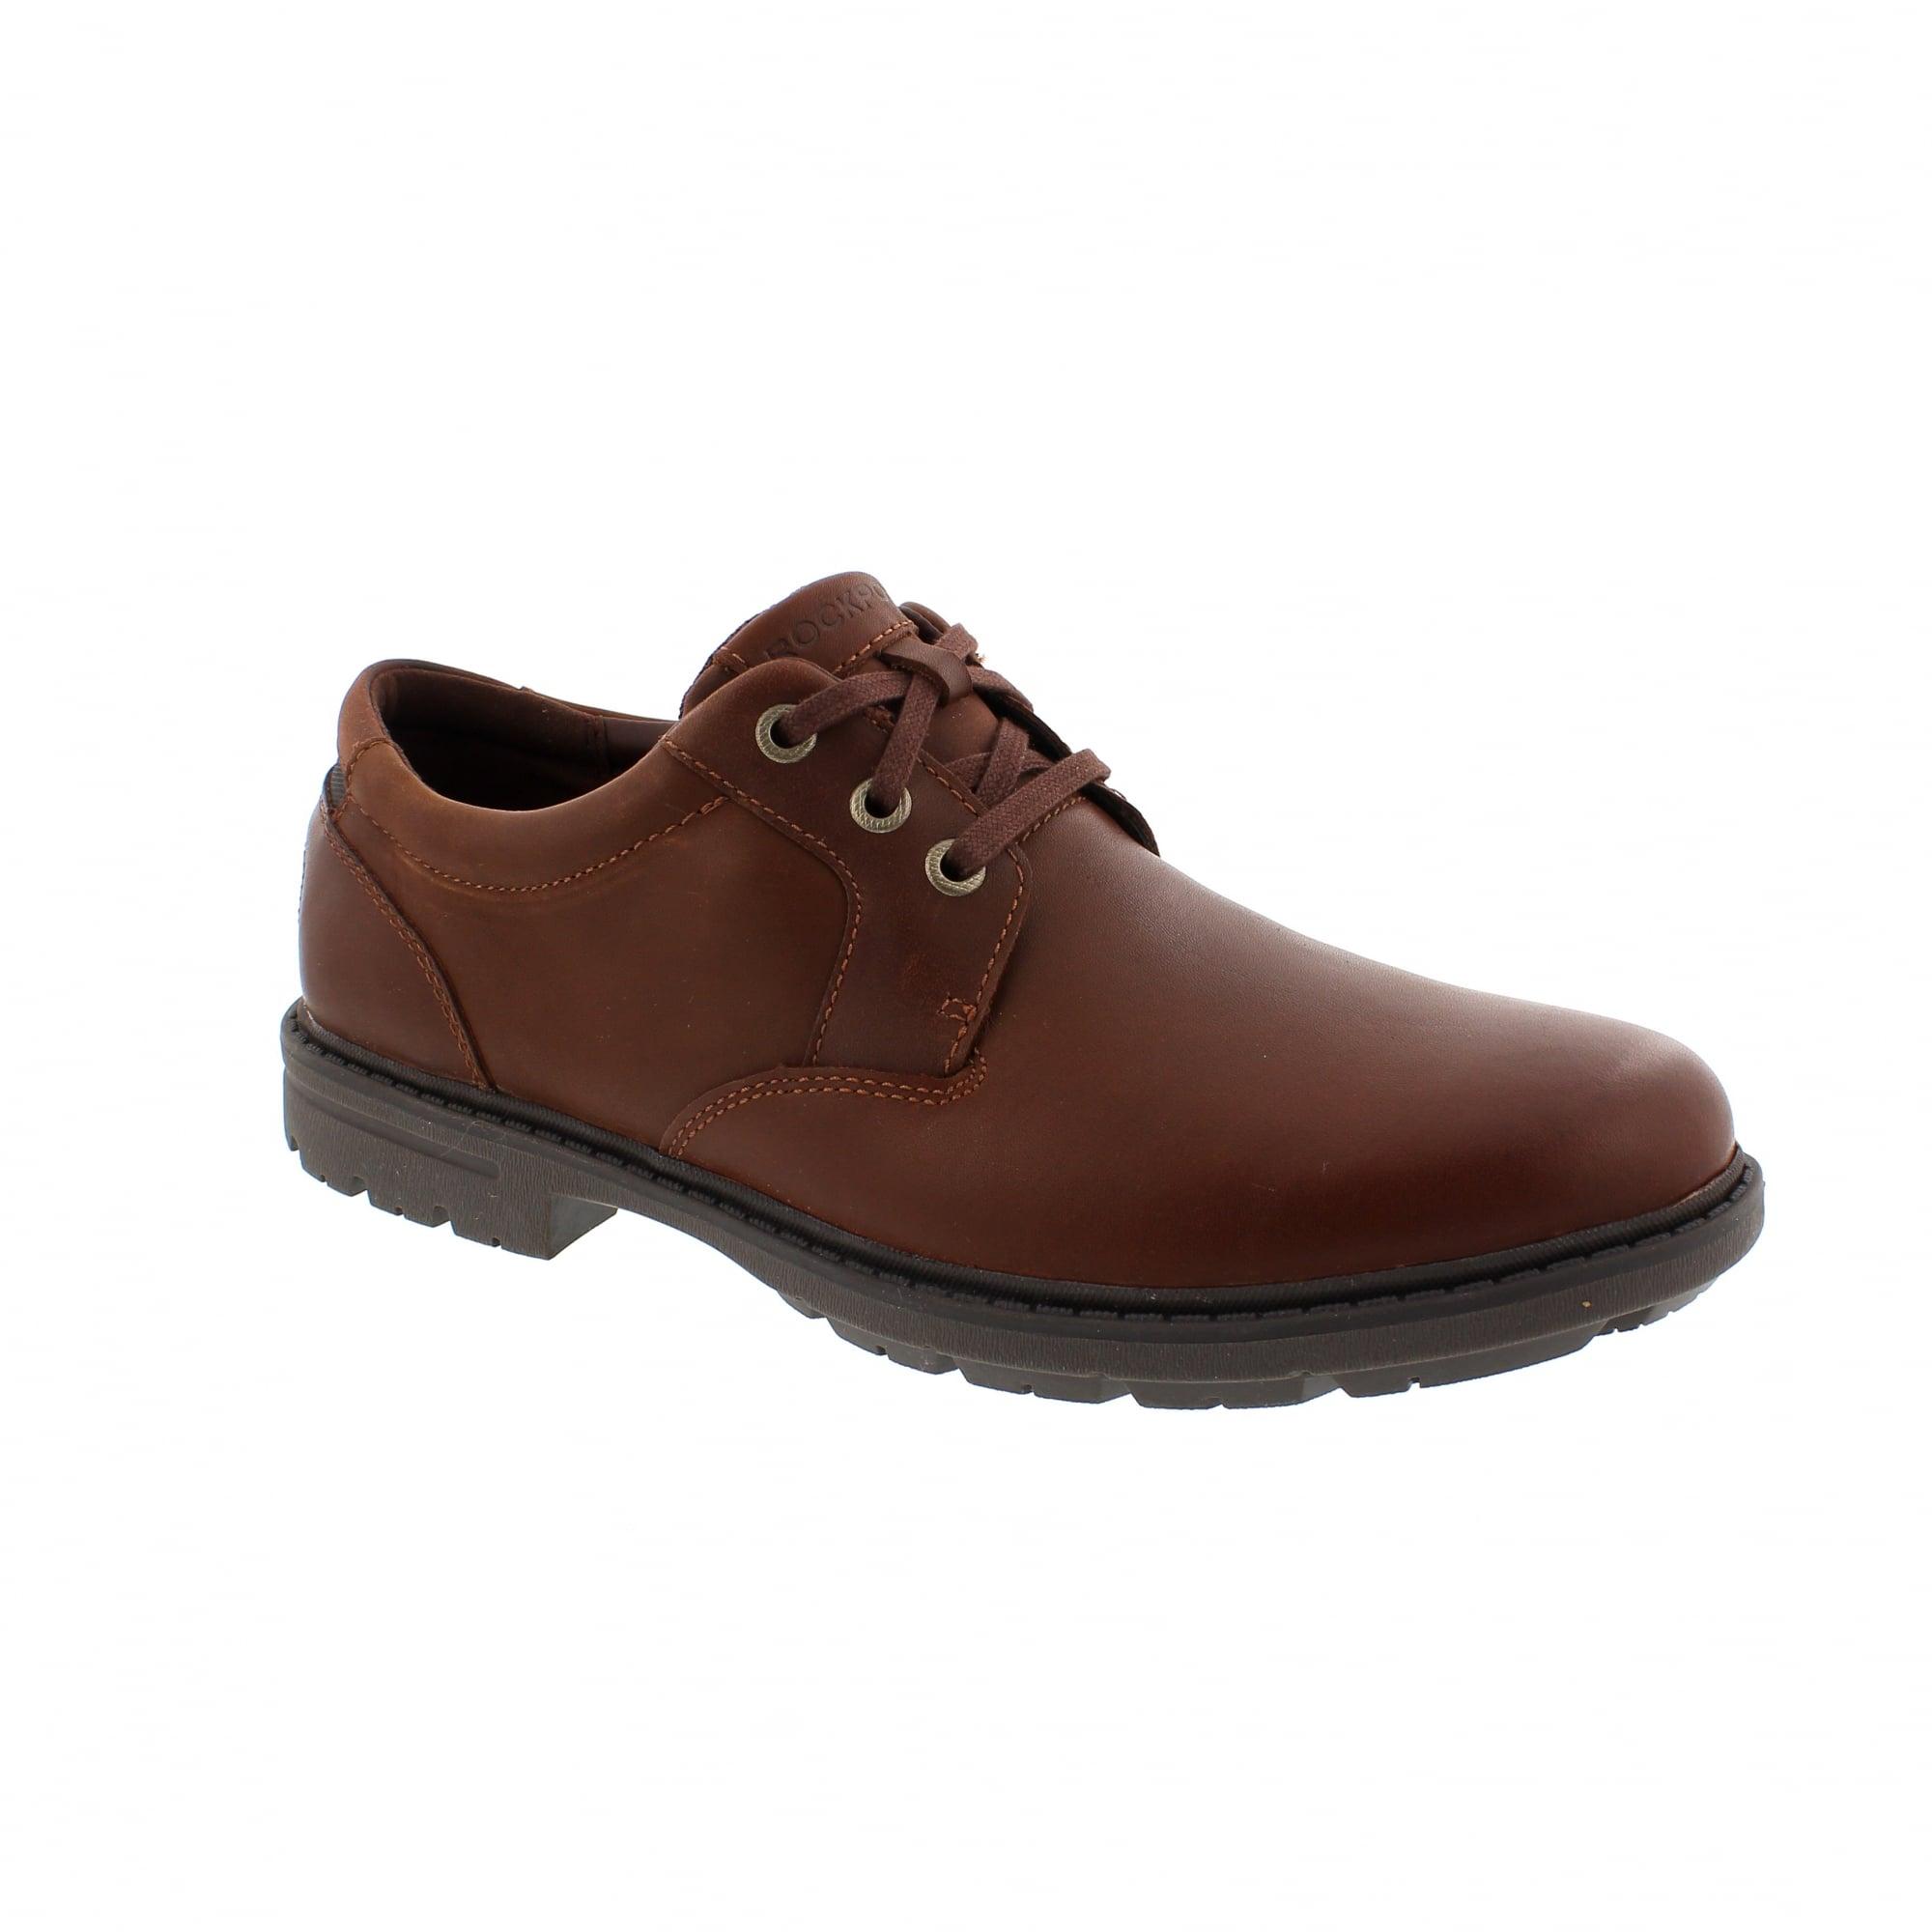 Rockport Tough Bucks PT OX 2 CG7539 Mens Shoes 7d8c965a7974